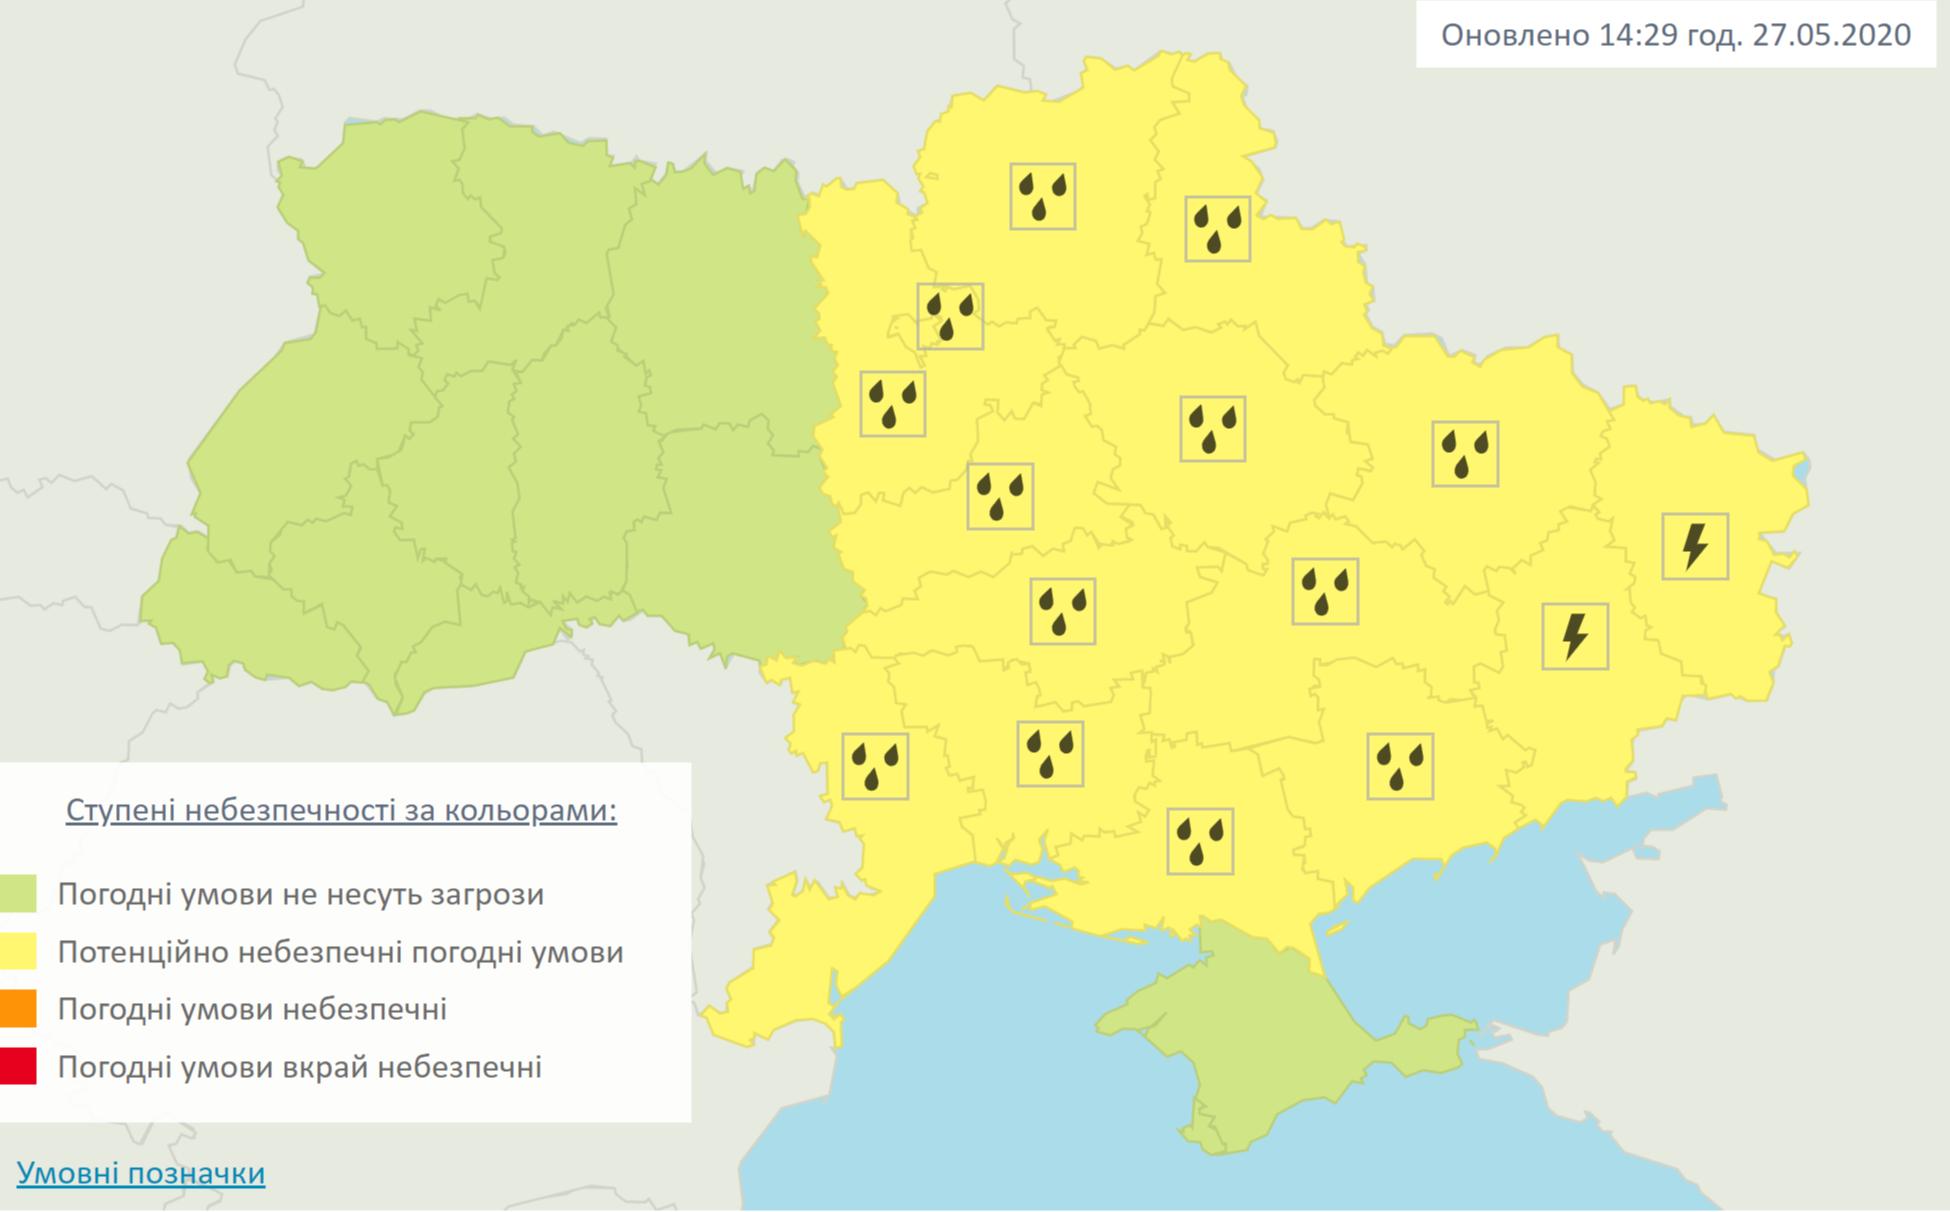 На Киев и область надвигается шторм: синоптики дали предупреждение